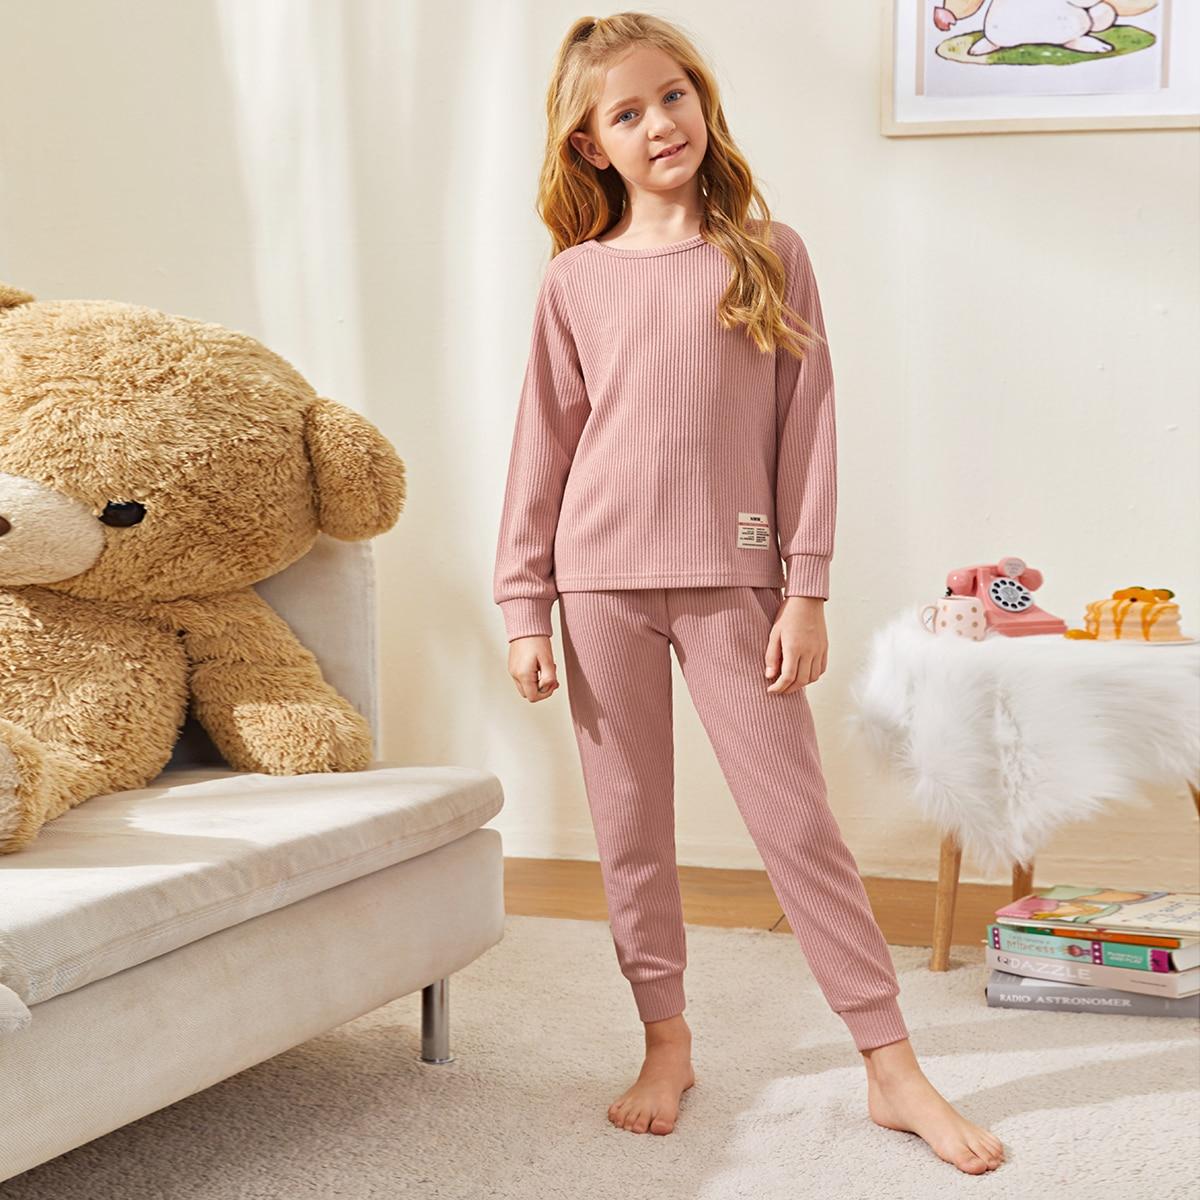 Аппликация Текст Повседневный Домашняя одежда для девочек